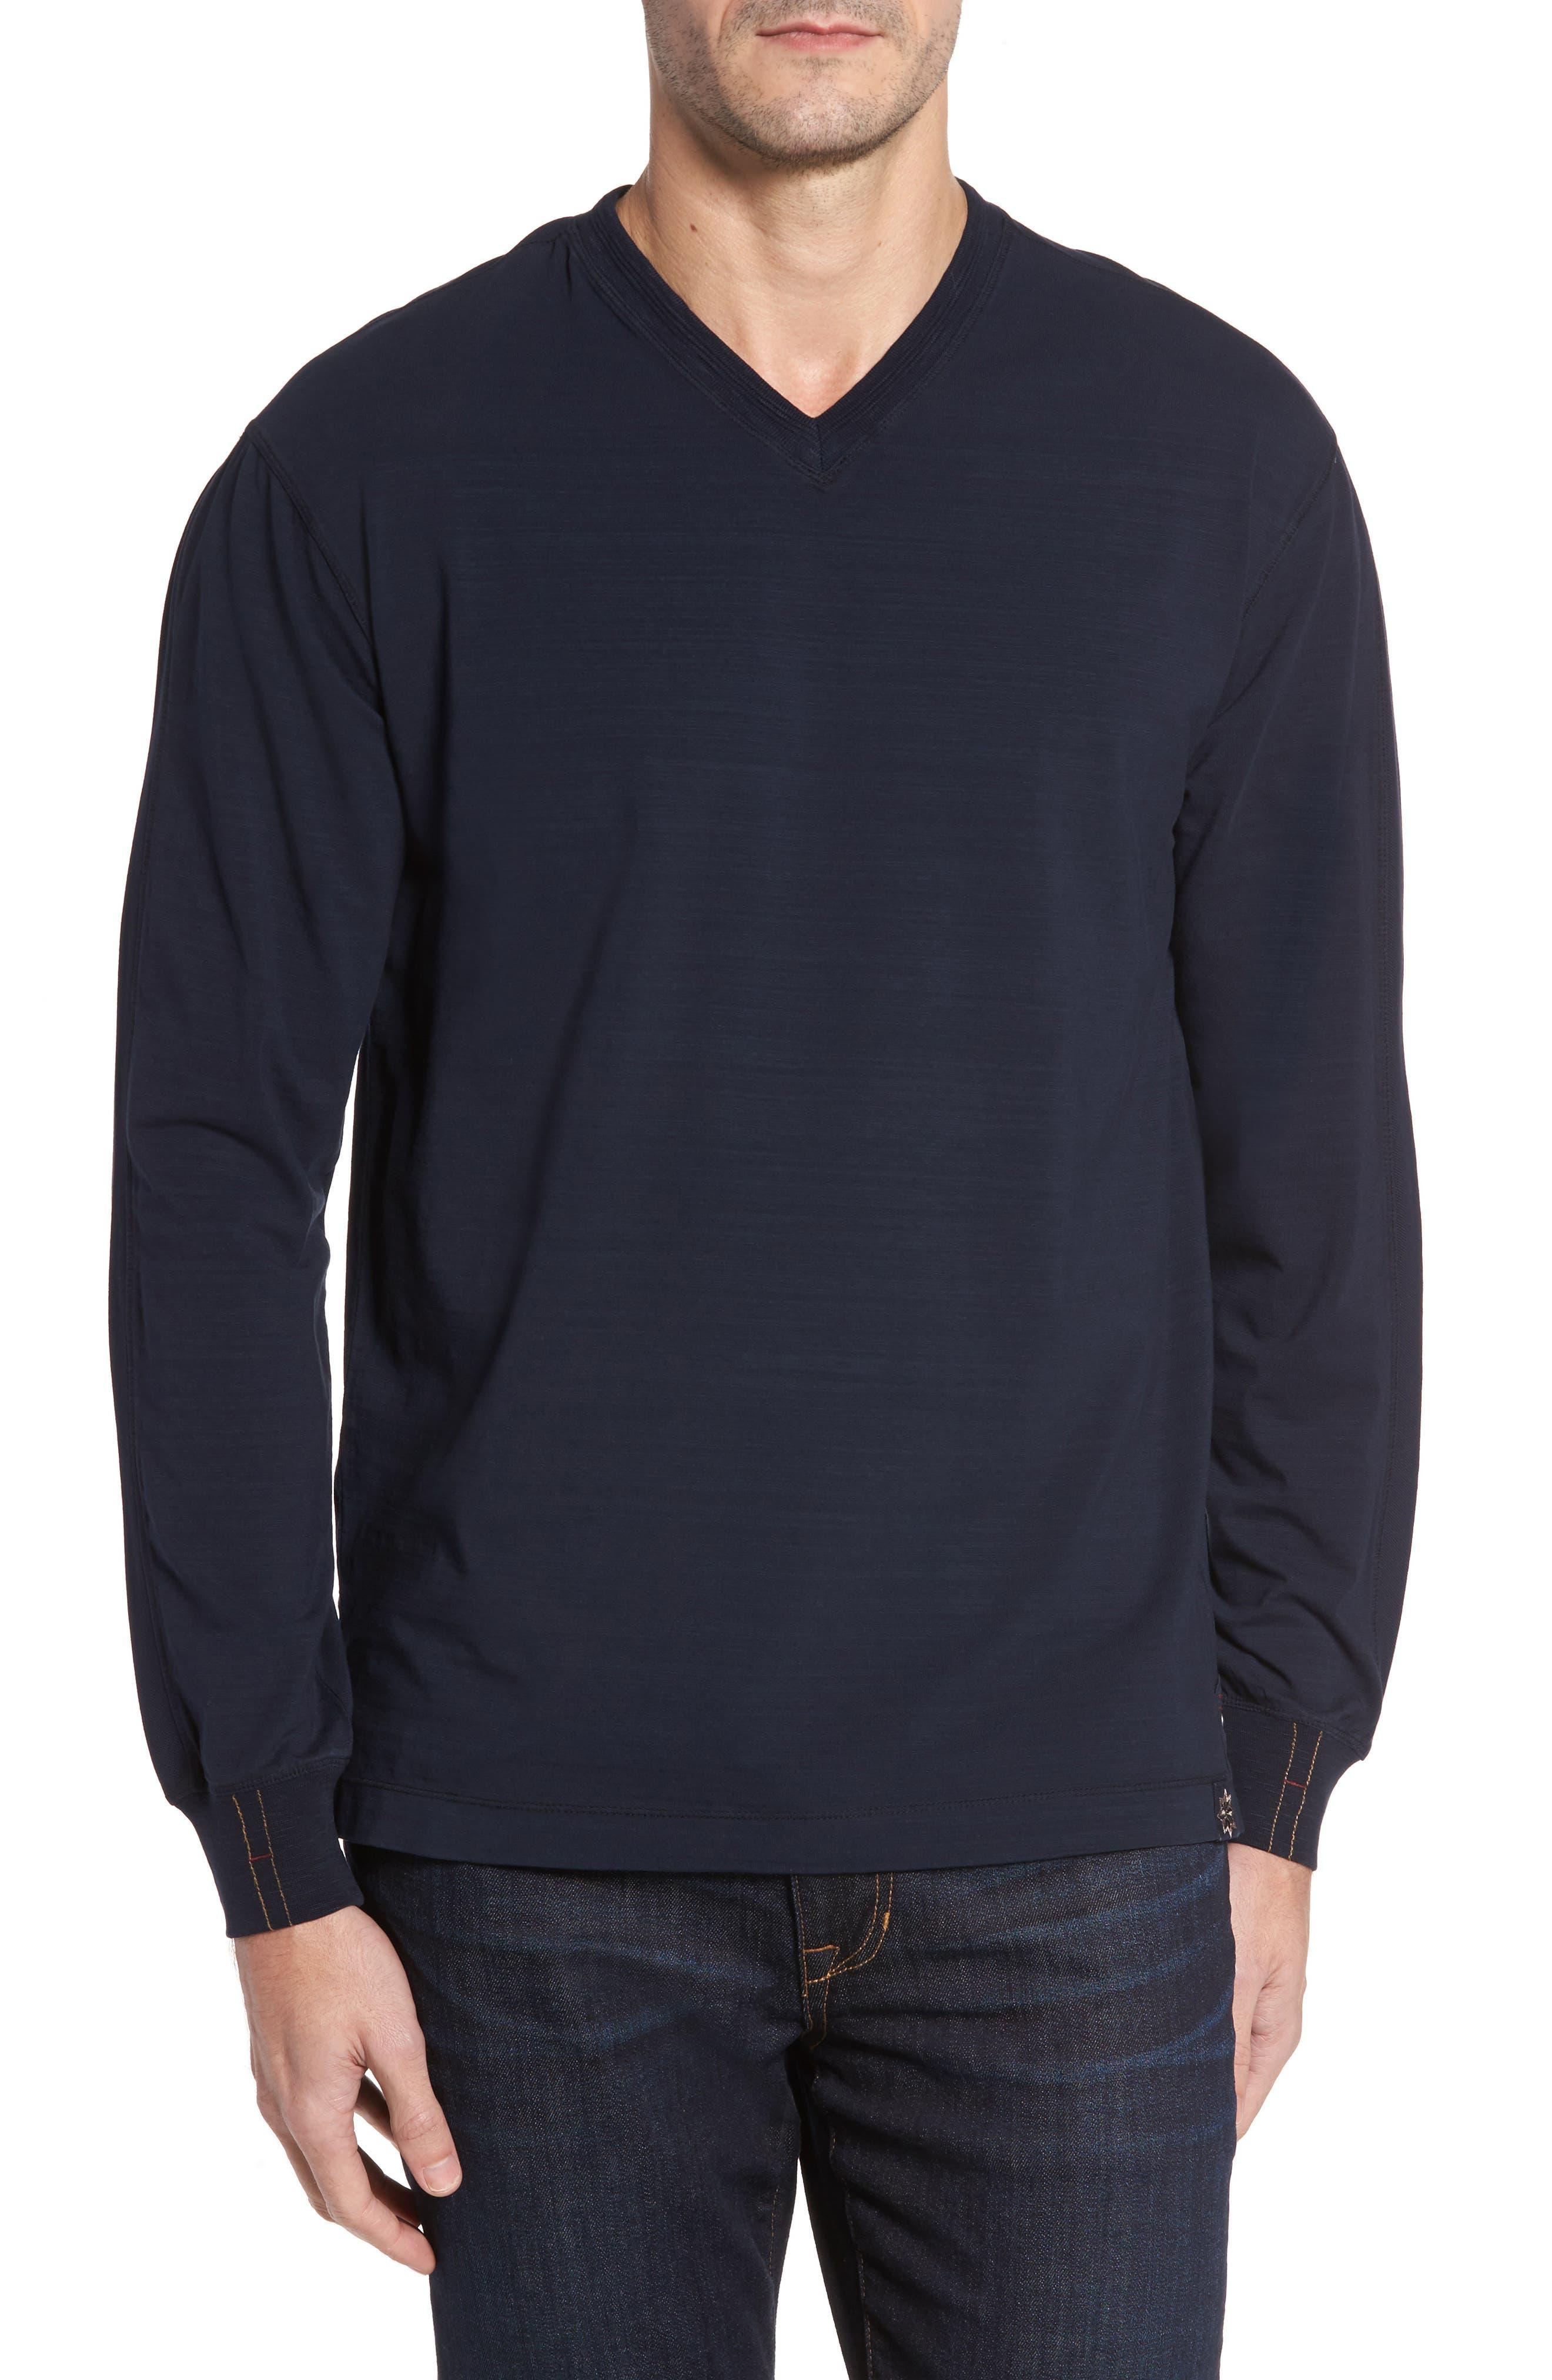 Main Image - Thaddeus Vinn Slubbed Long Sleeve V-Neck T-Shirt